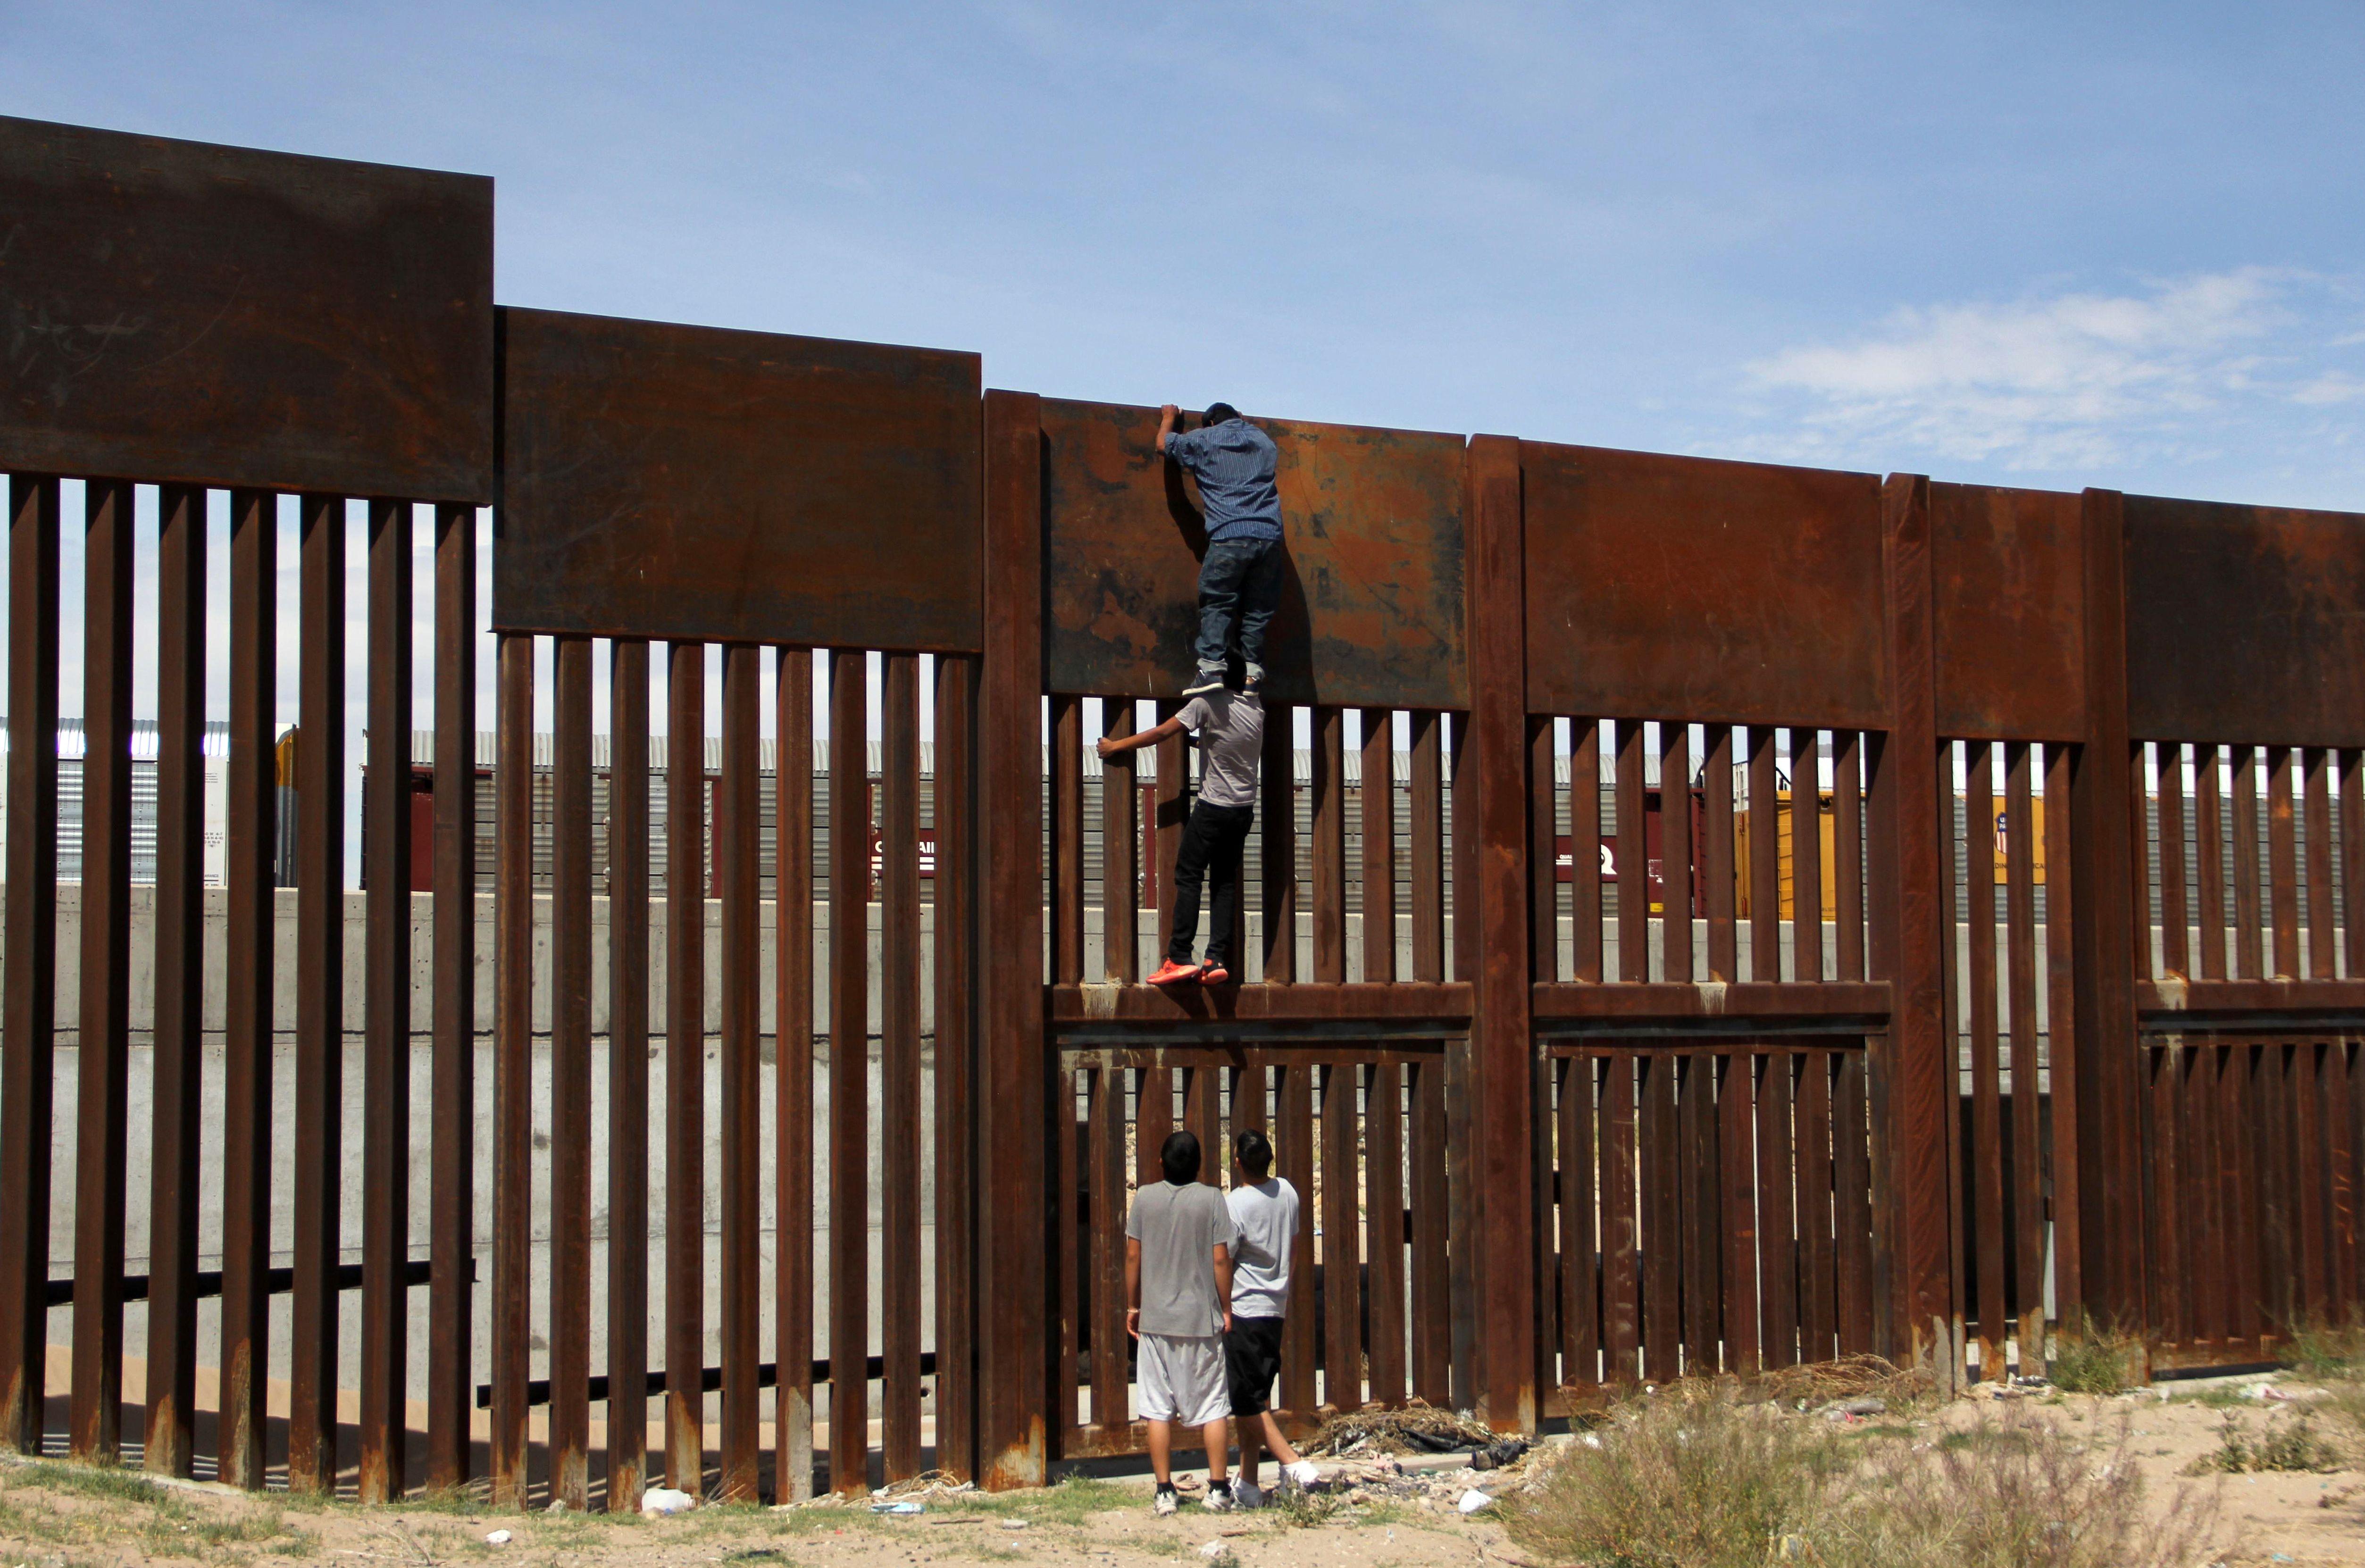 شباب يعبر إلى الولايات المتحدة عبر المكسيك